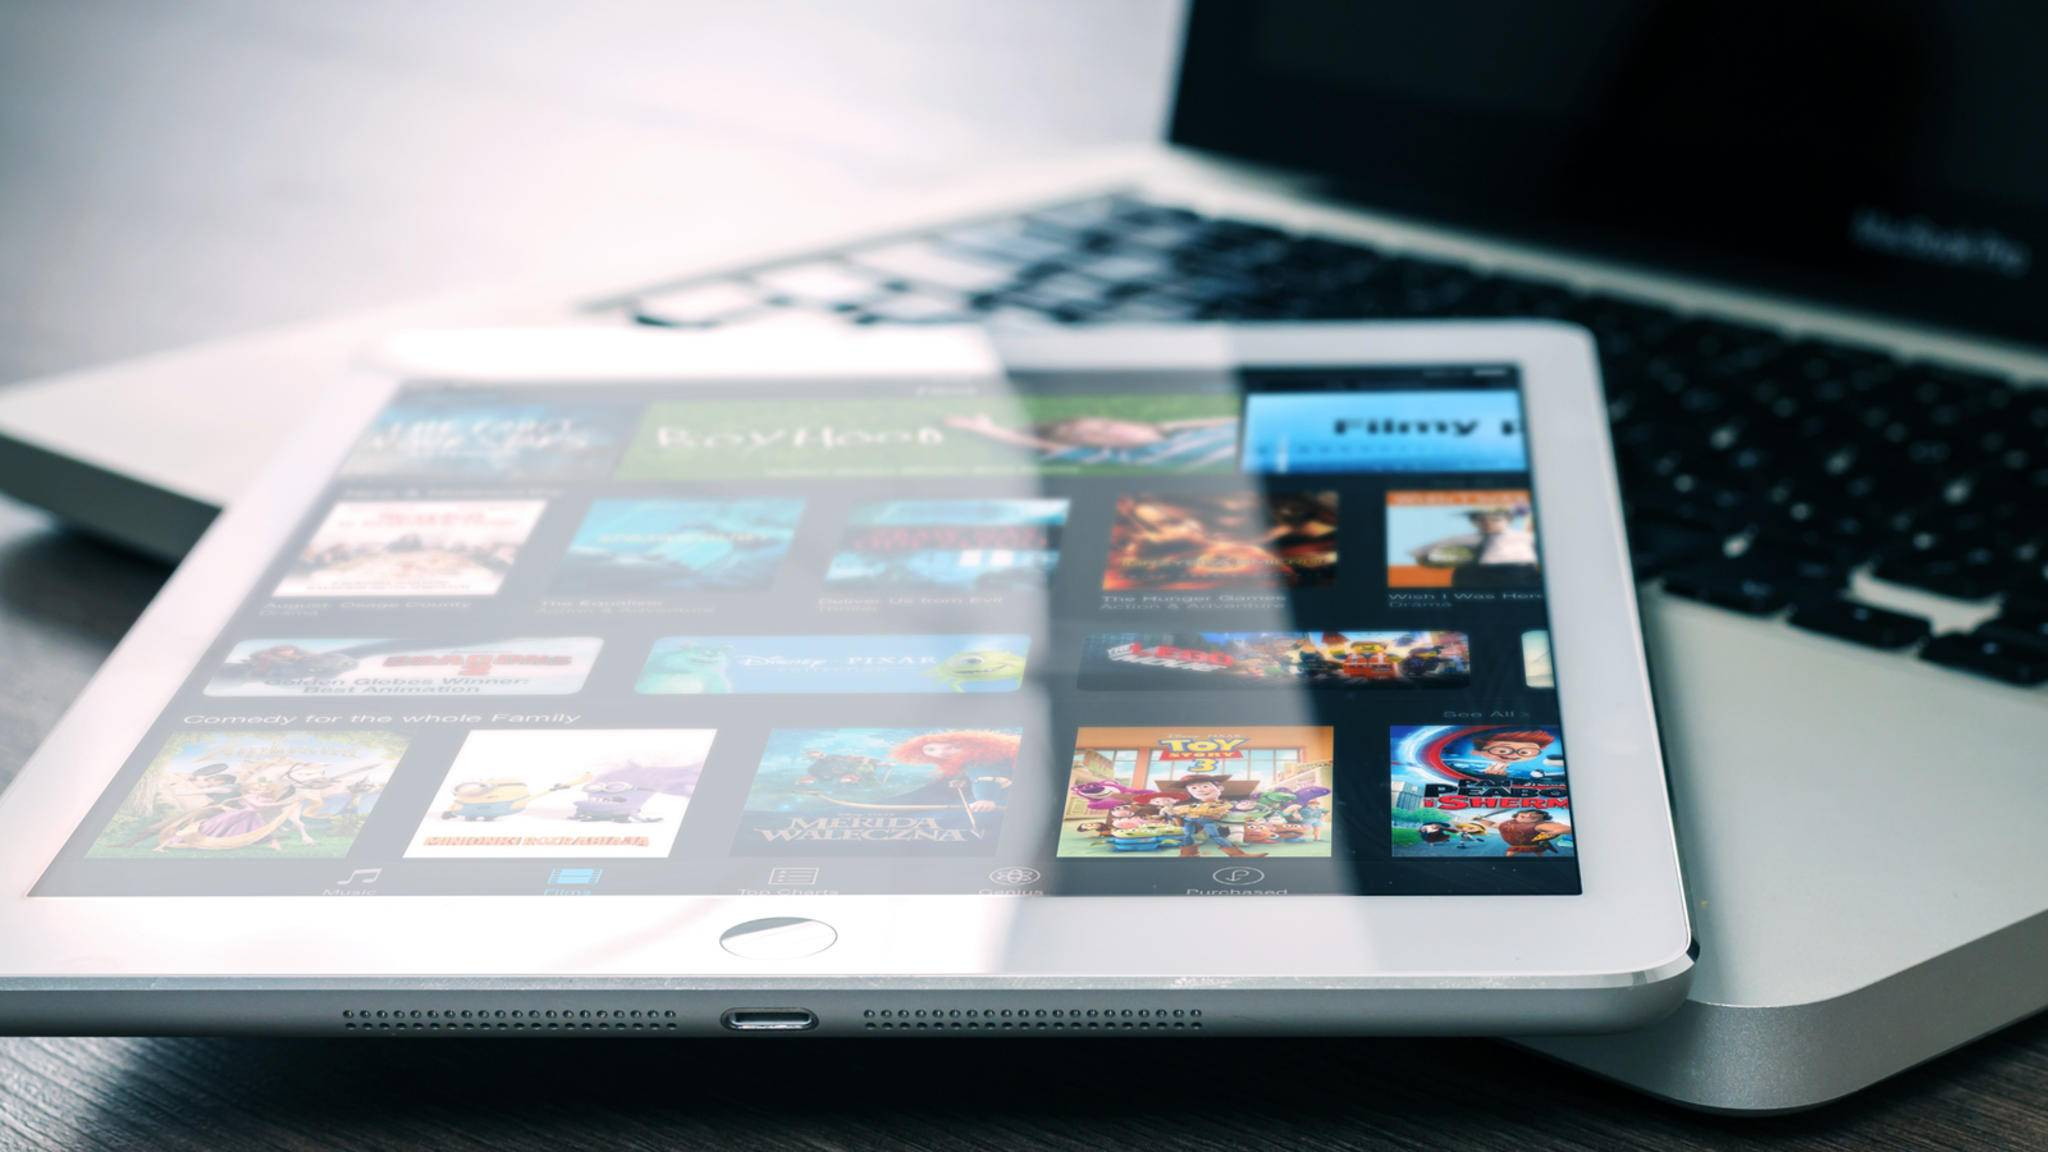 Schöne neue Entertainmentwelt: Die Streaming-Bibliotheken waren 2016 pickepackevoll mit Highlights.